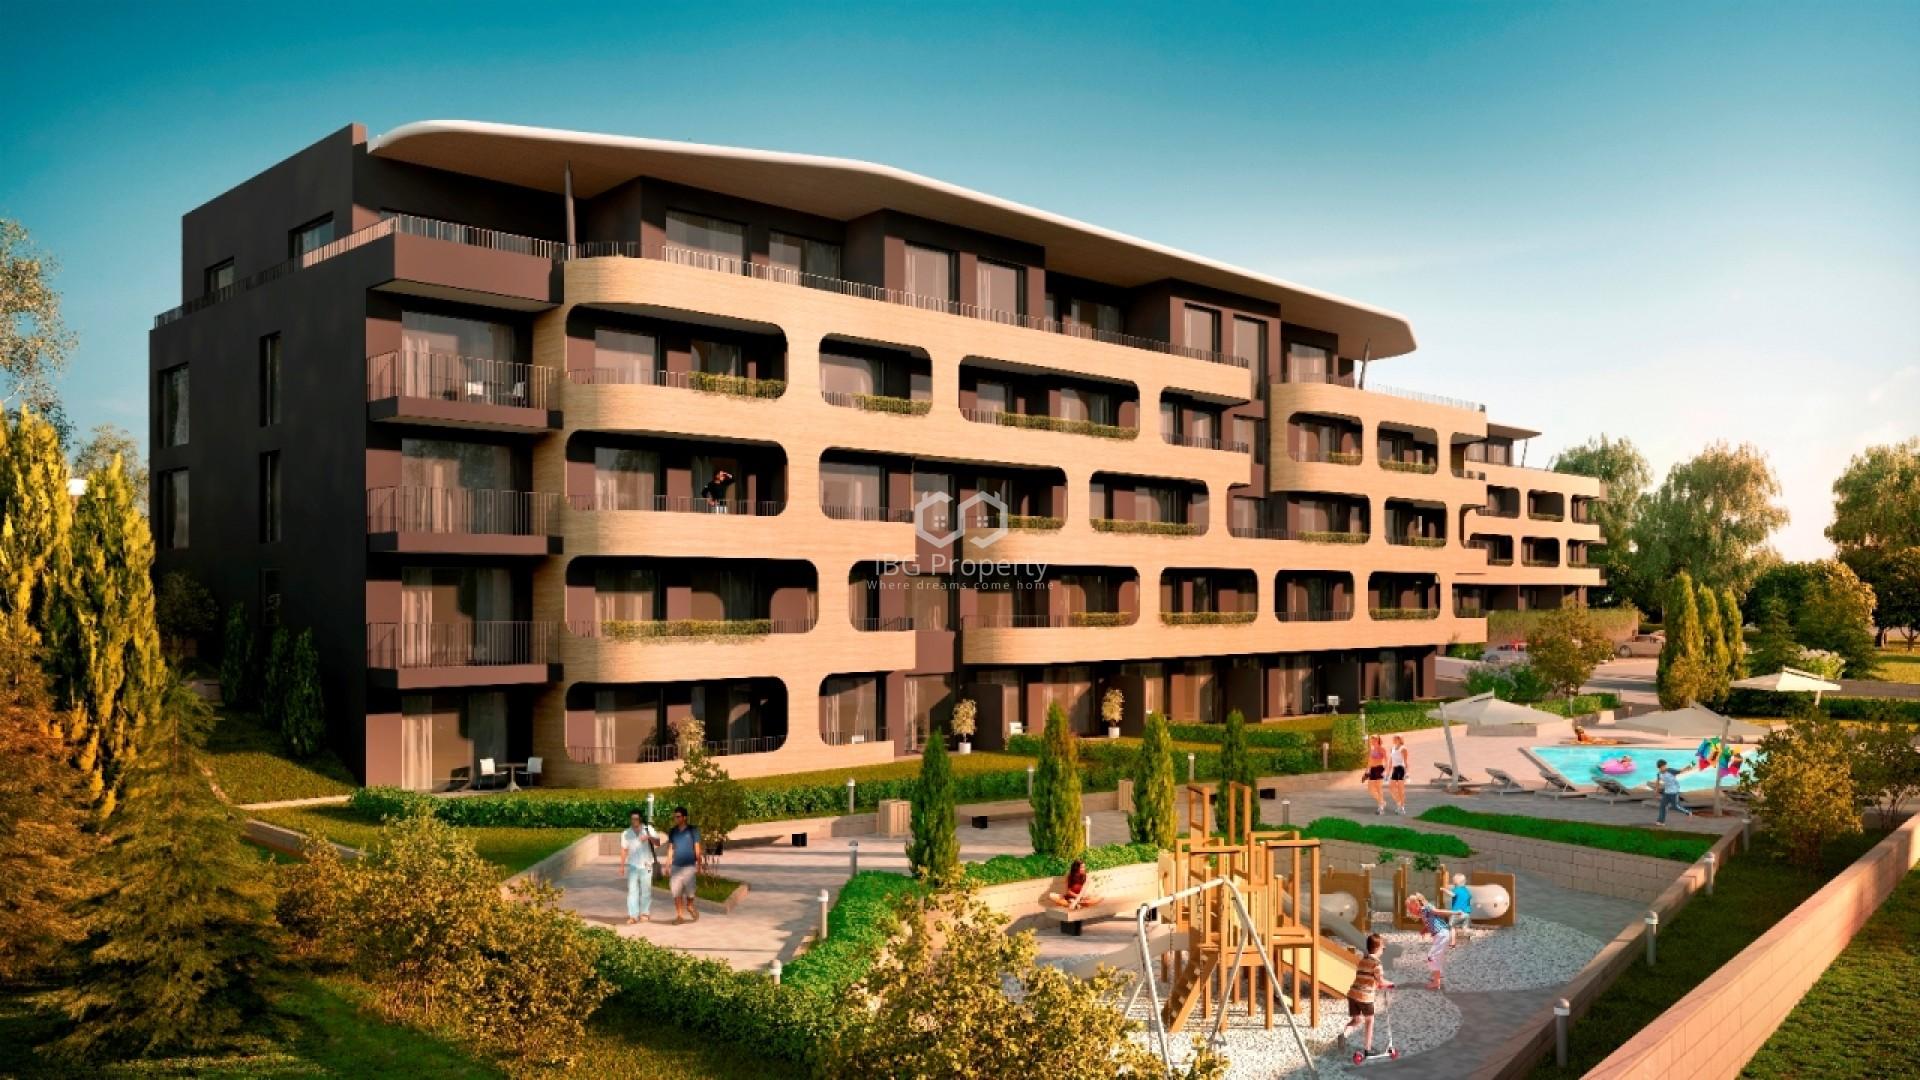 Тристаен апартамент Бриз Варна 99 m2